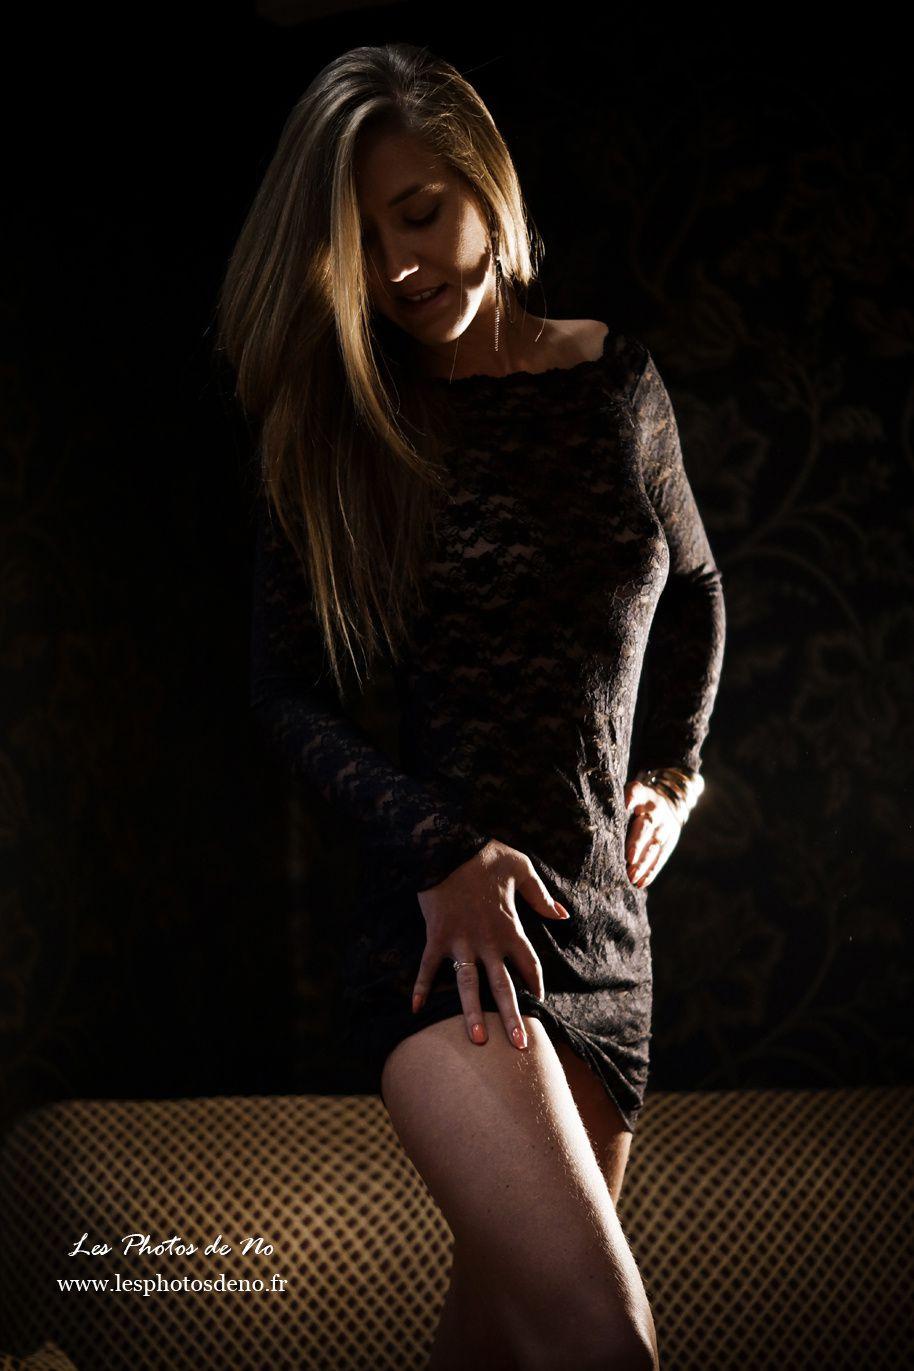 Au boudoir de Nolwenn Bilhaut, Photographe 01. Avec la belle Miss E. !